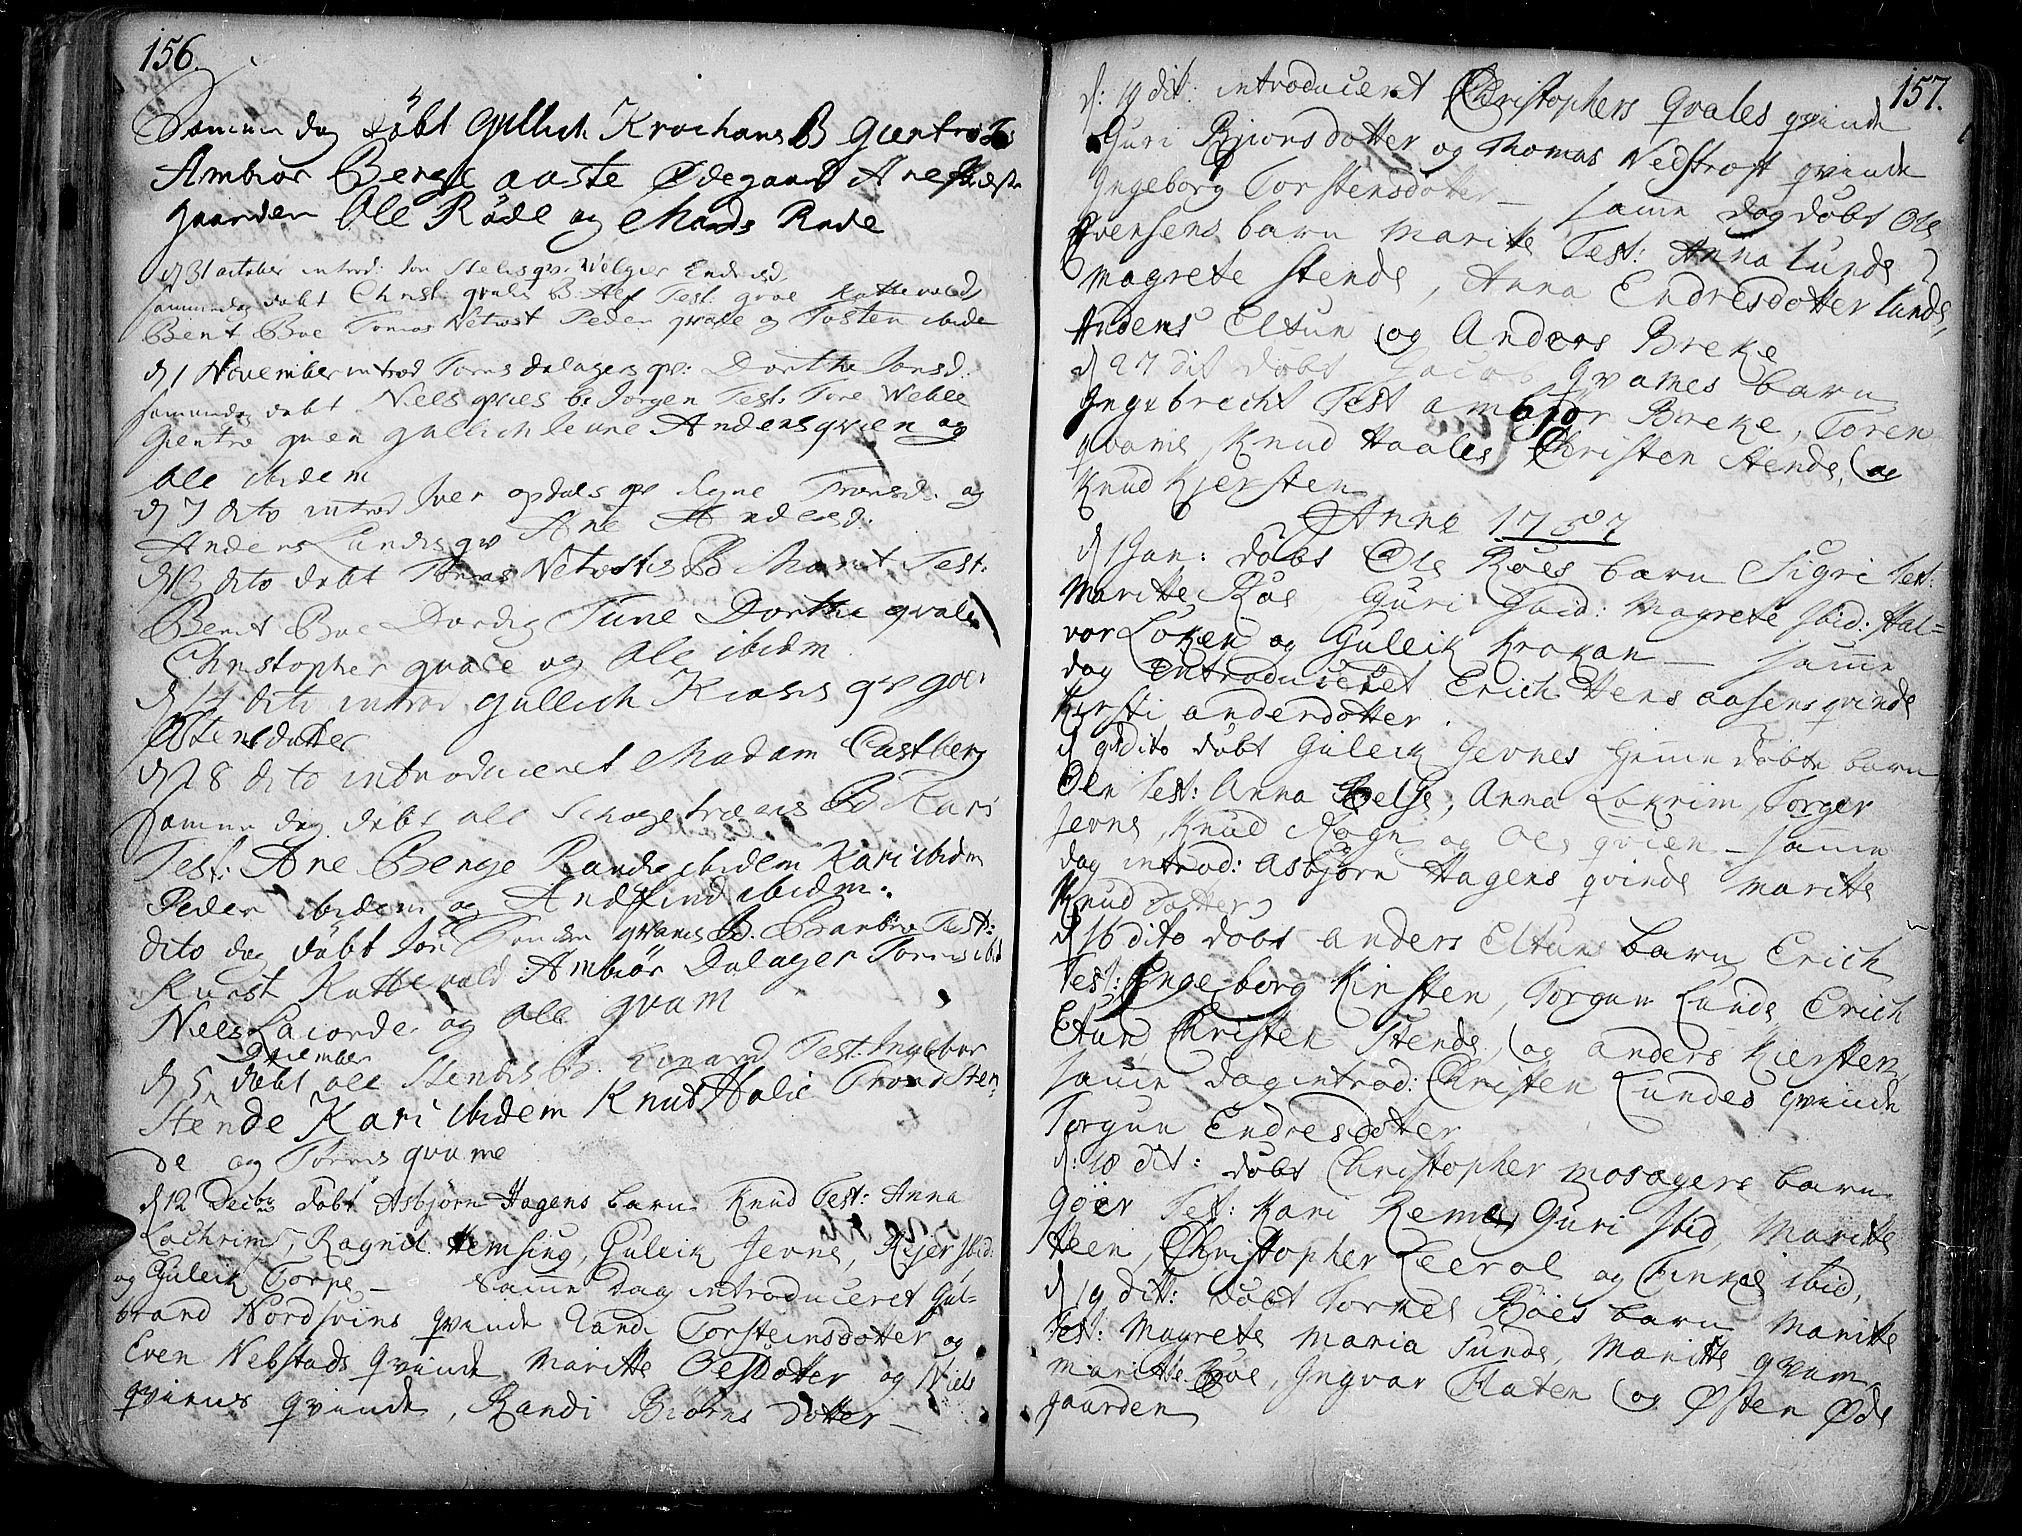 SAH, Vang prestekontor, Valdres, Ministerialbok nr. 1, 1730-1796, s. 156-157